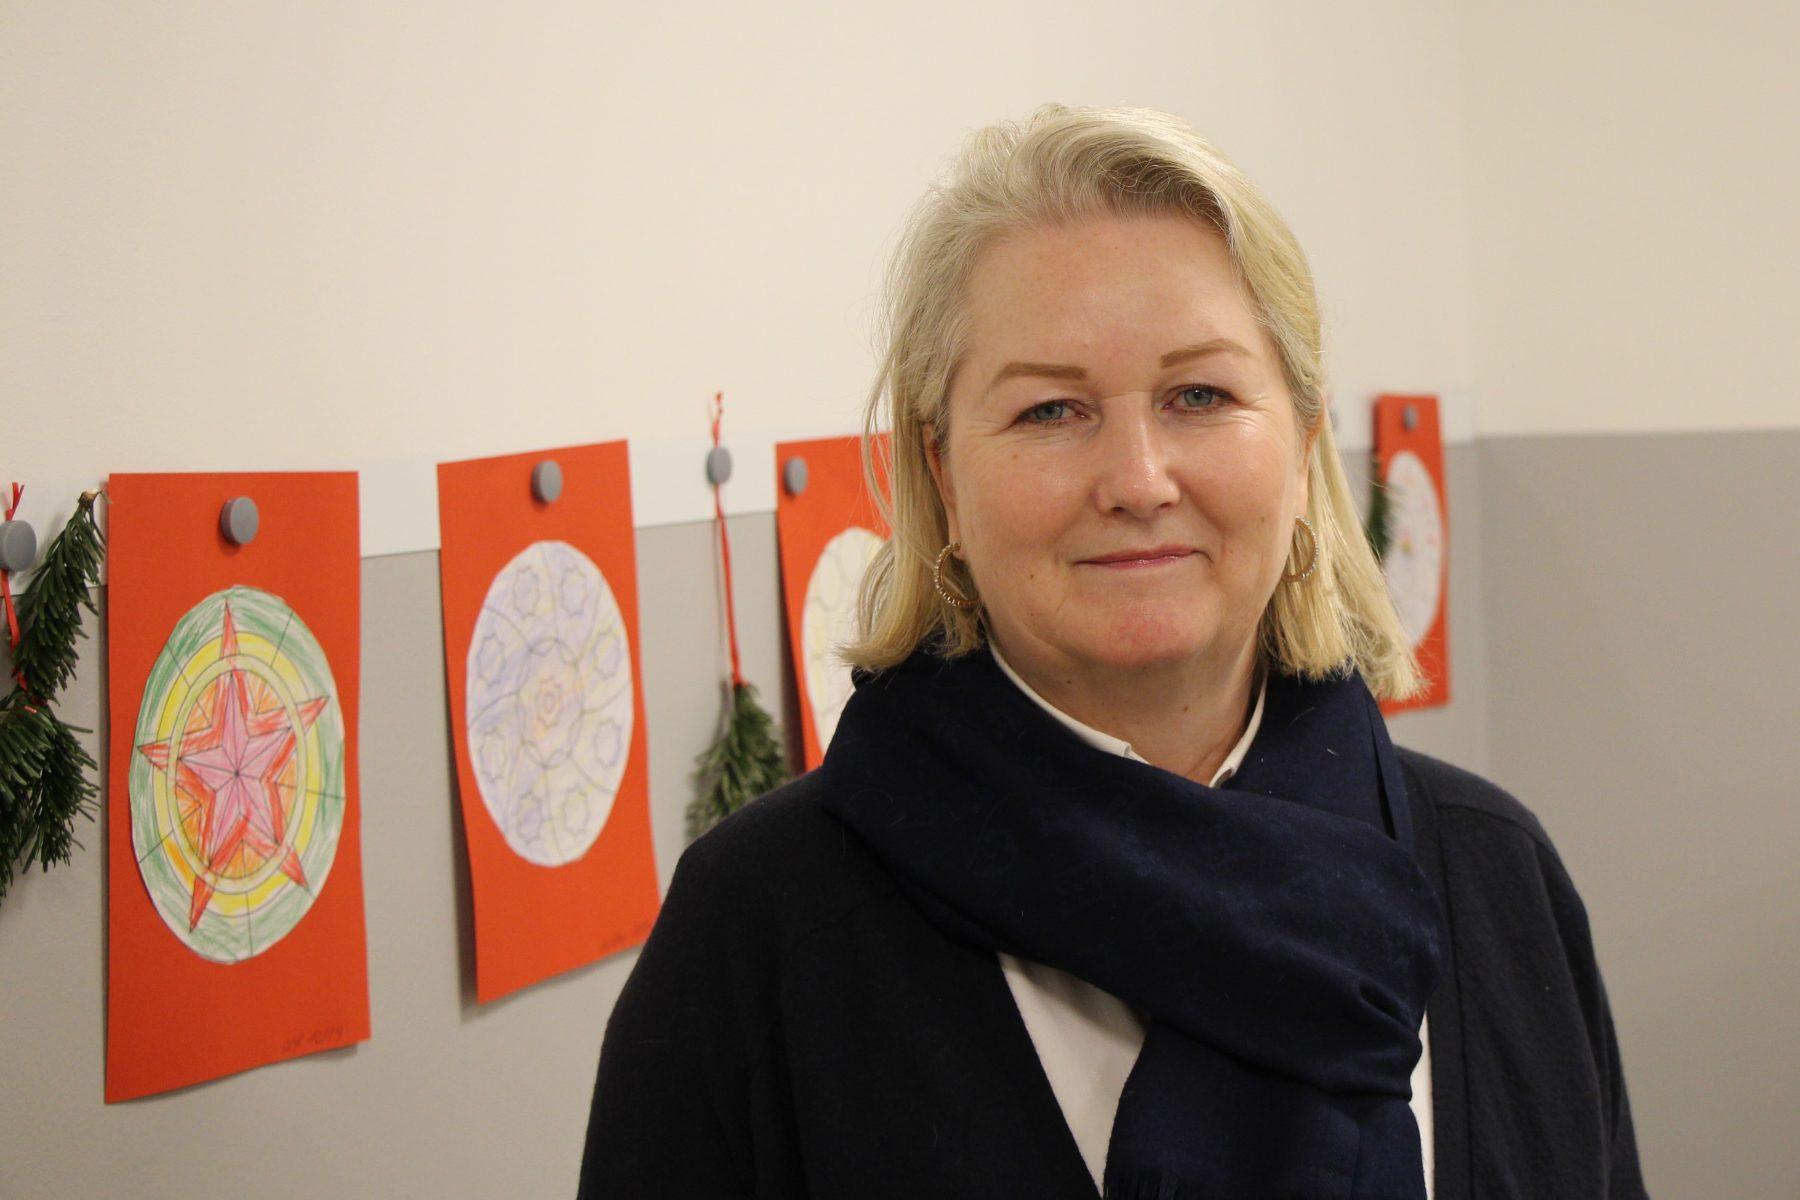 """Heike Mikulajetz ist die Leiterin der Kita """"elbzwerge"""" in Eimsbüttel. Foto: Alana Tongers"""